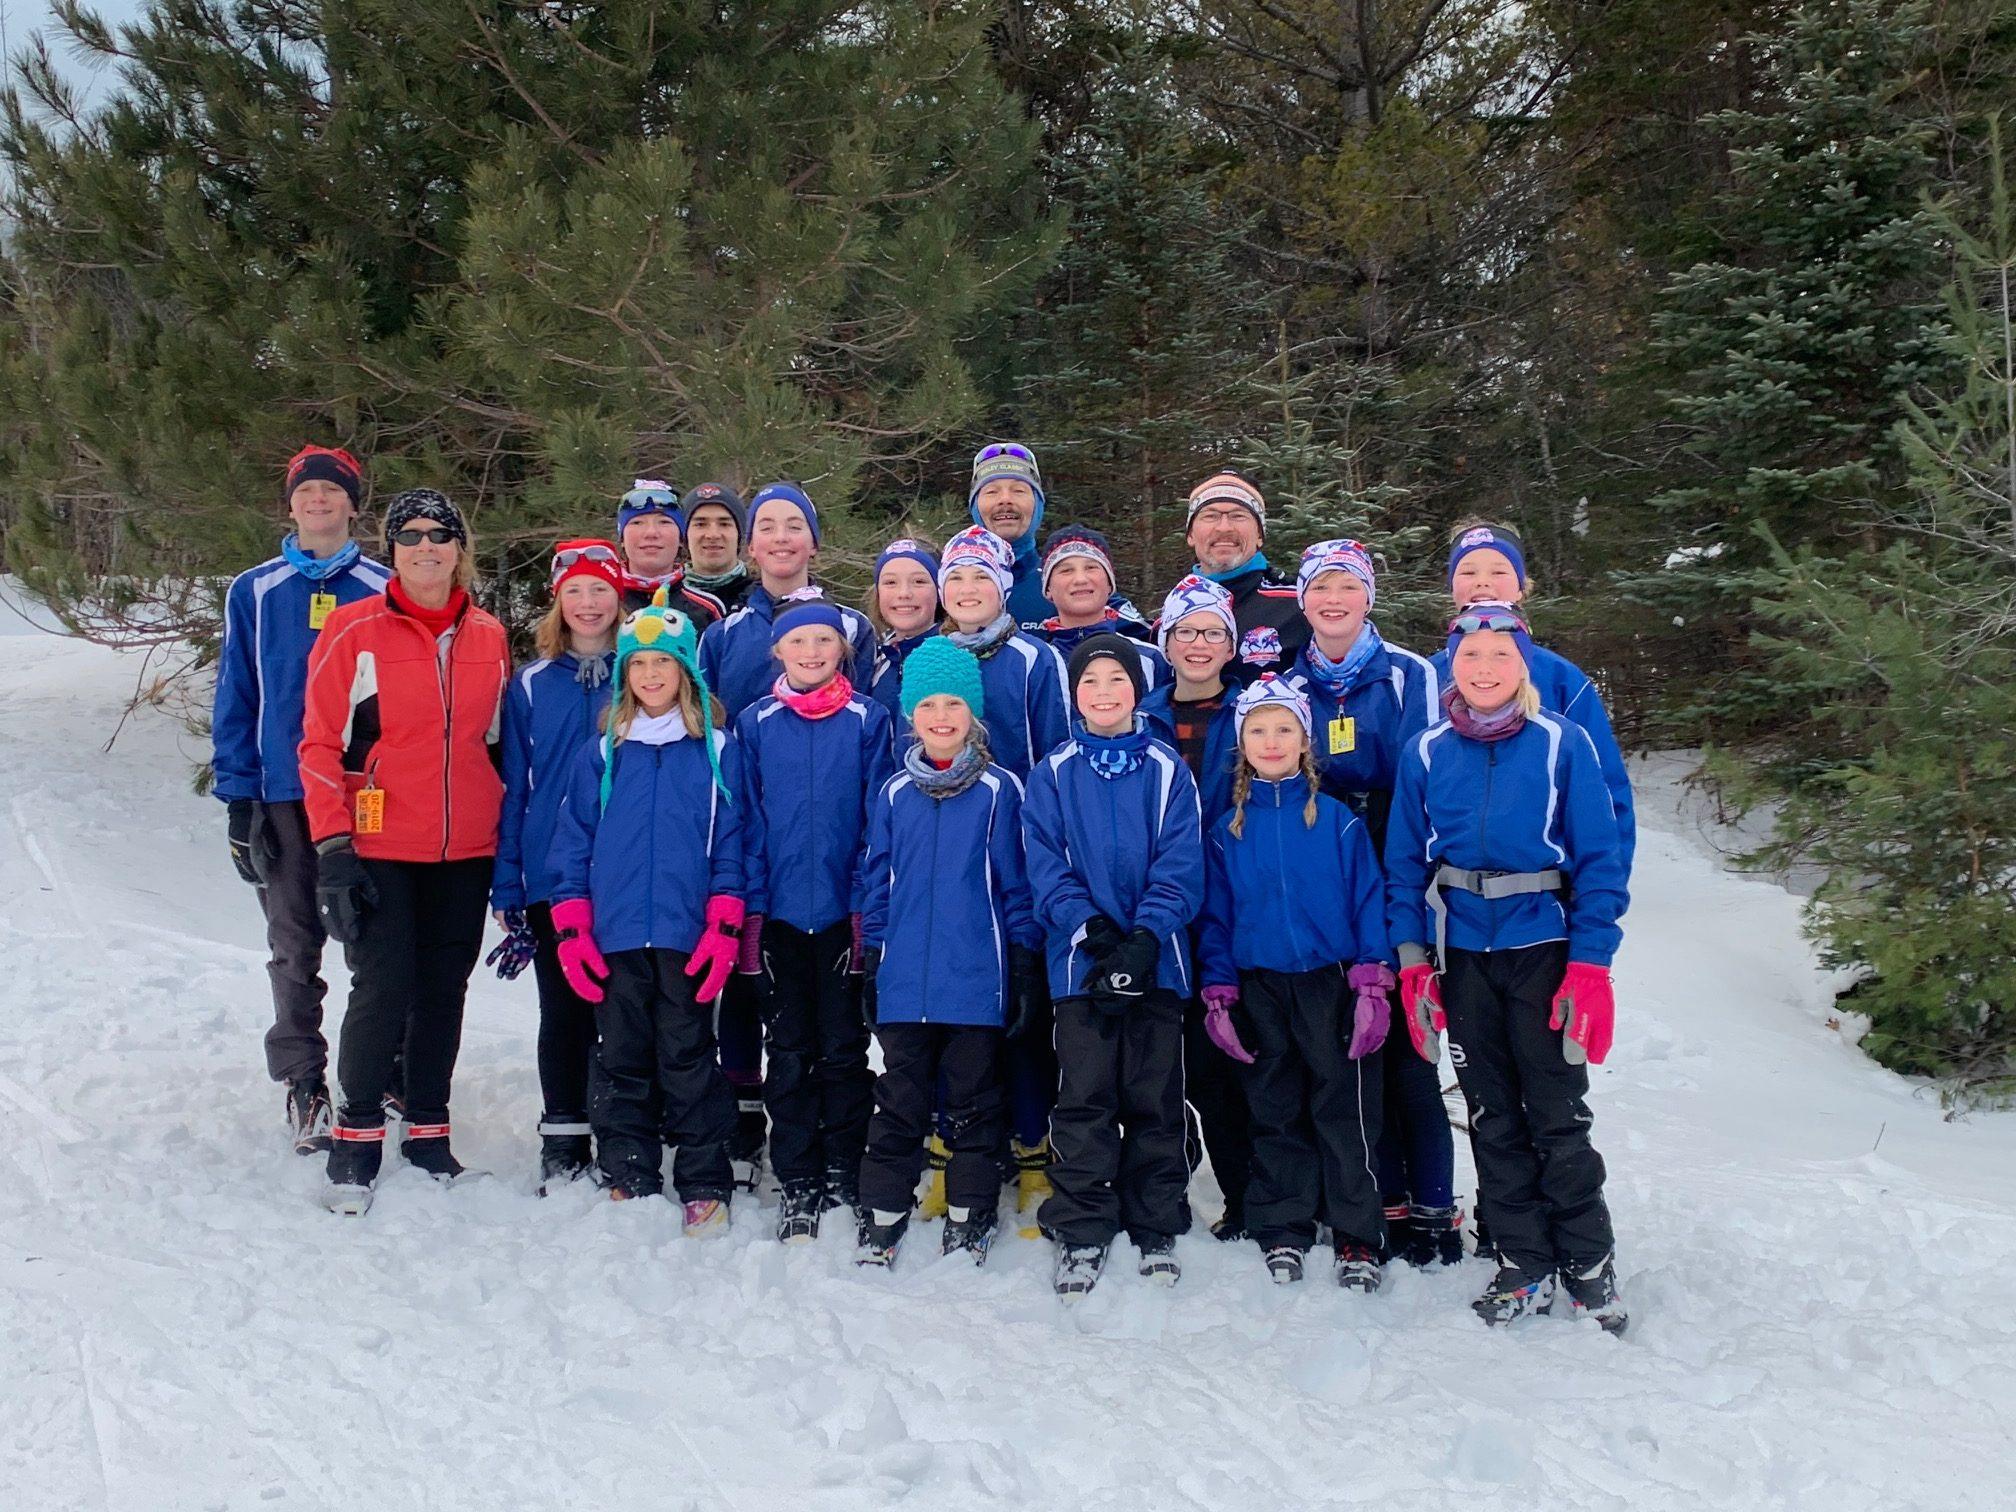 2019 Ski Camp Group